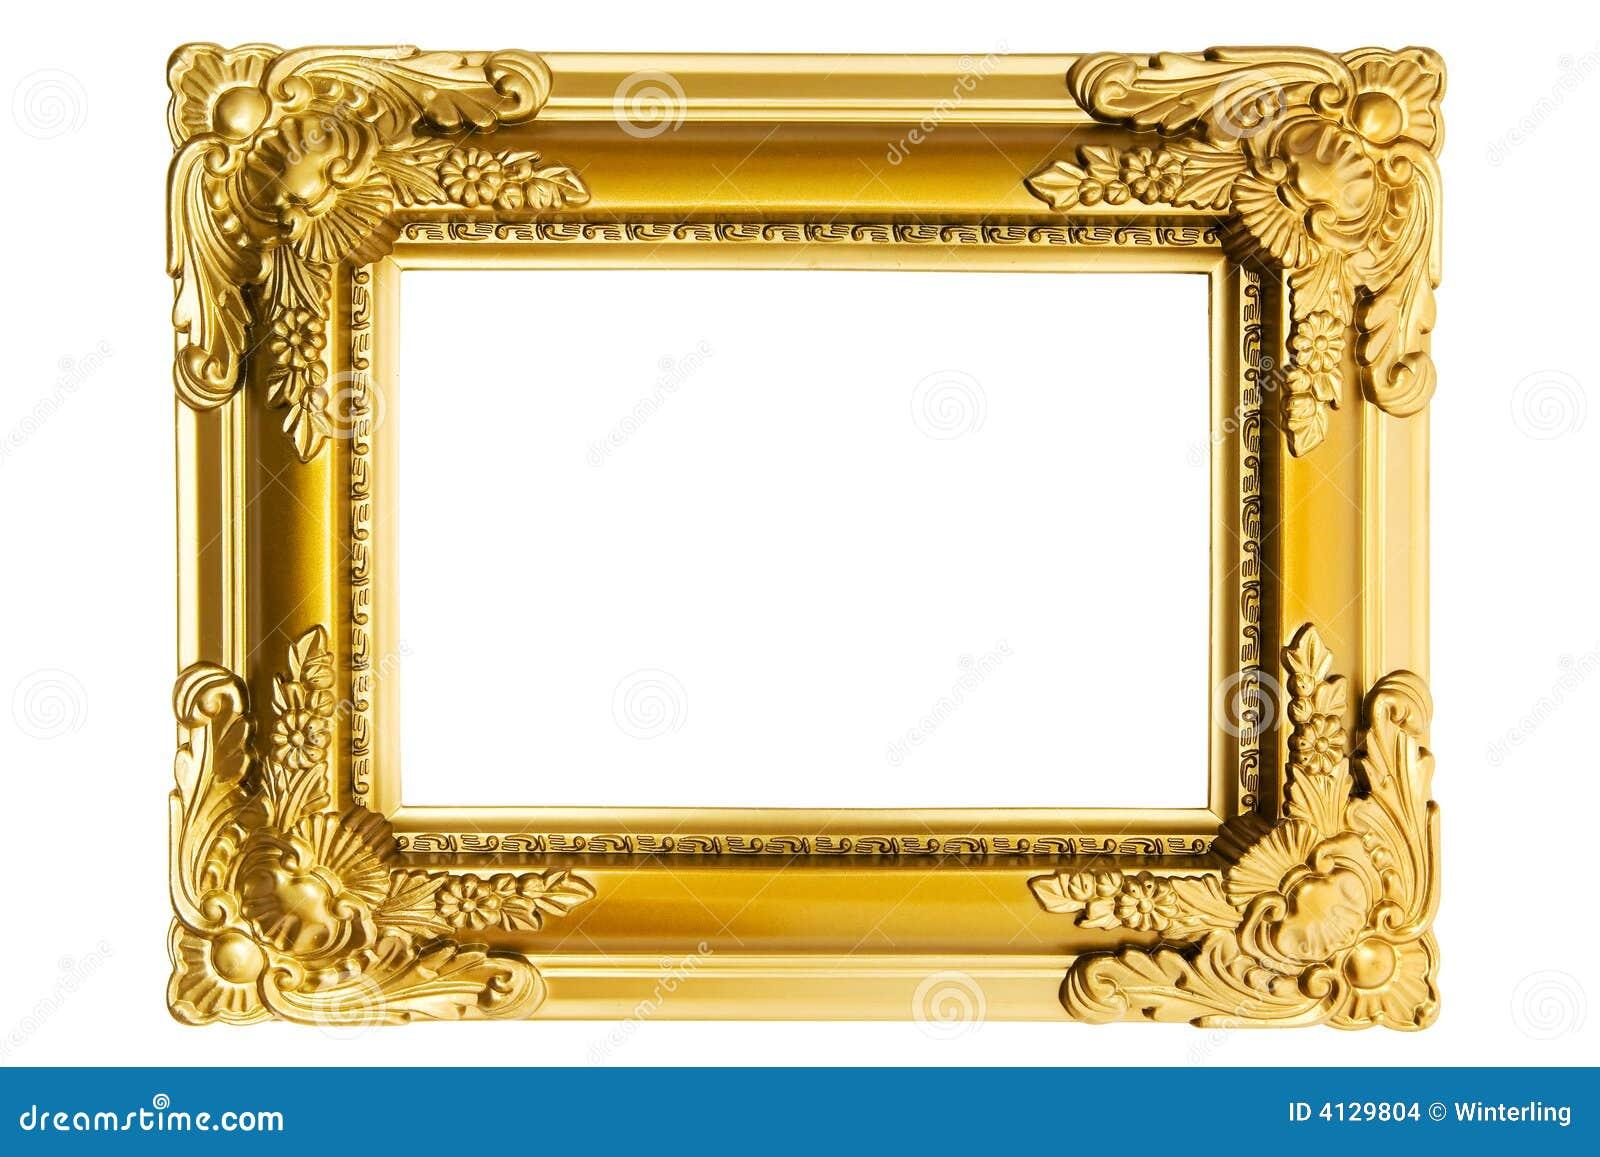 Marco plástico dorado foto de archivo. Imagen de customizable - 4129804